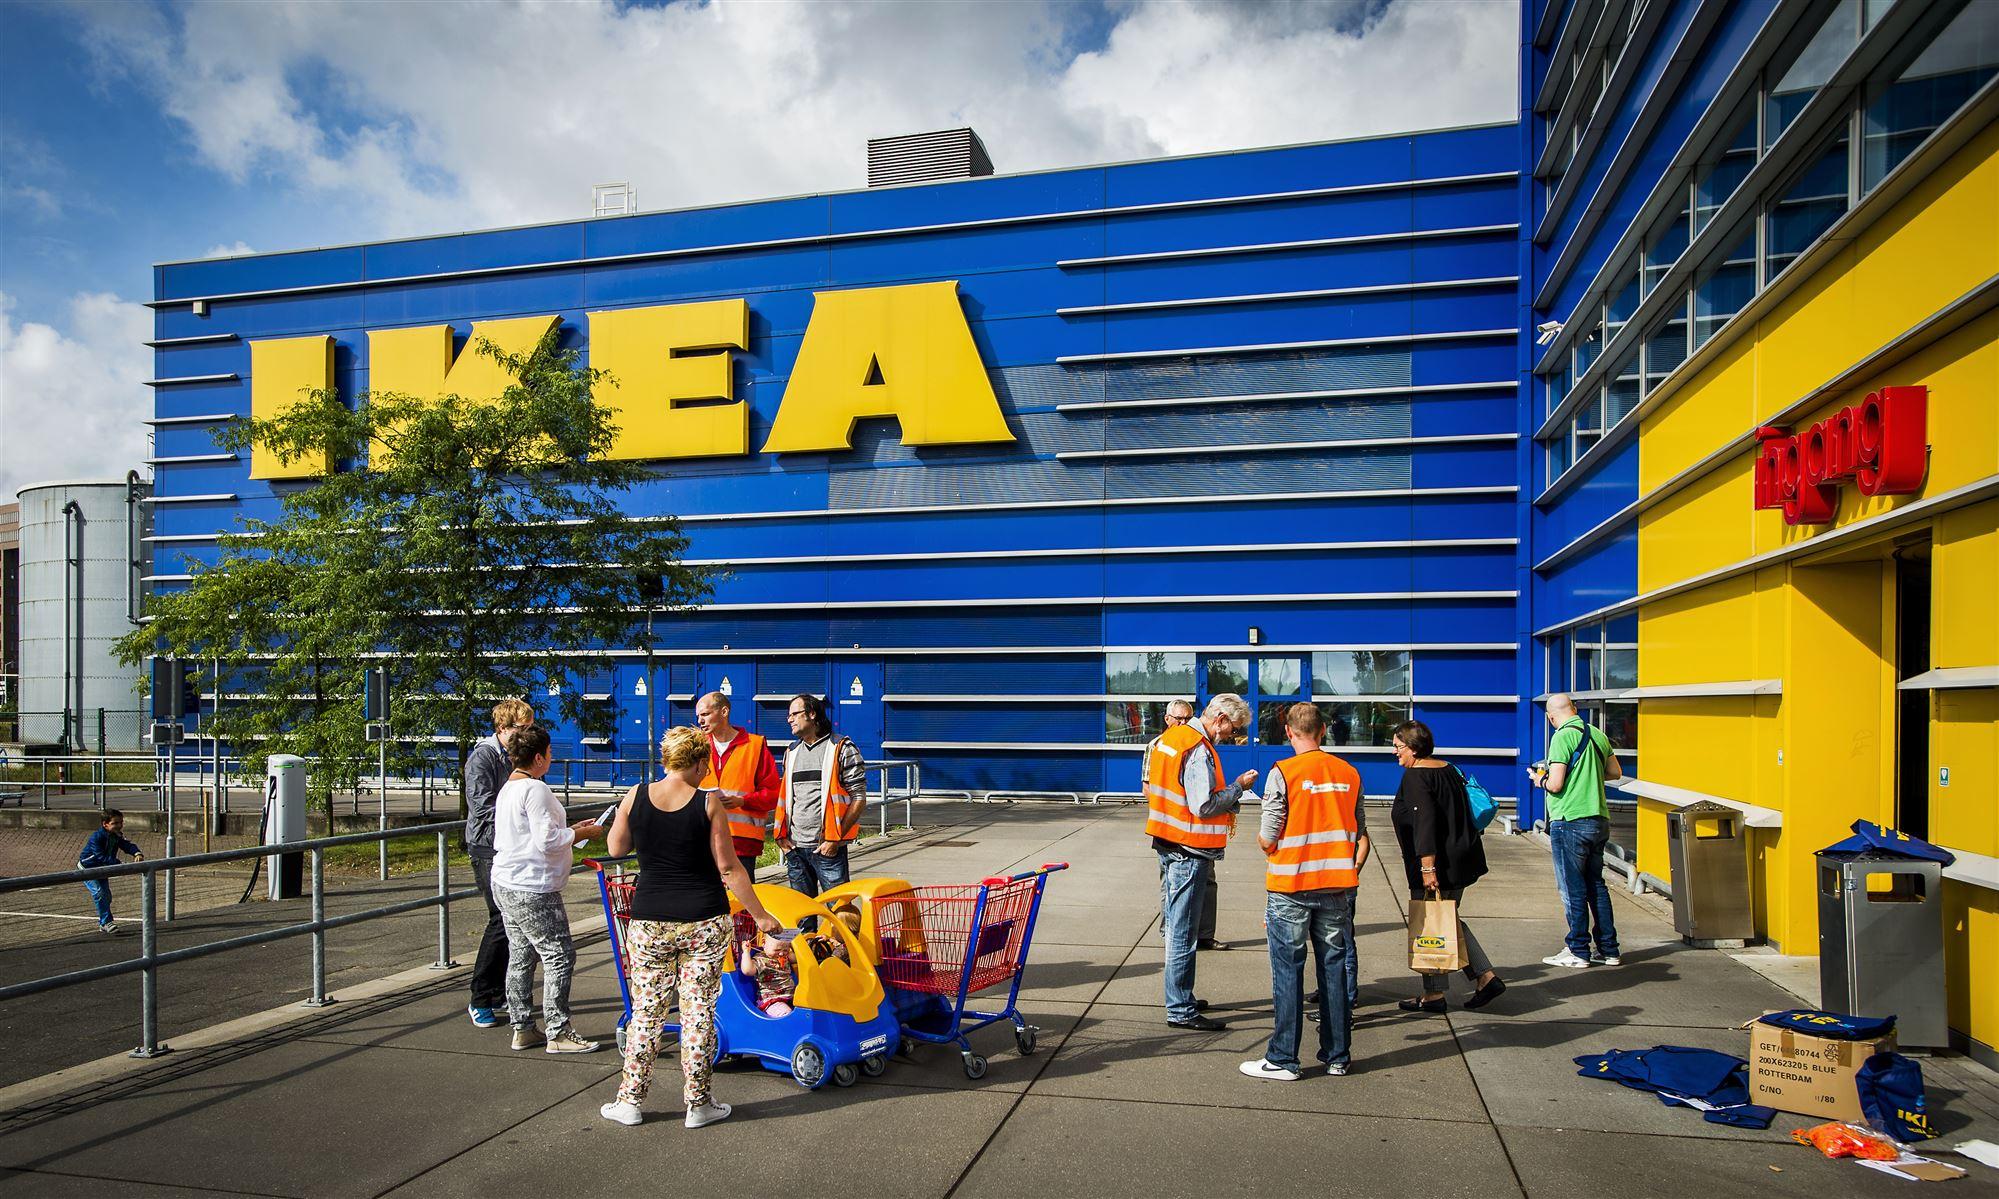 Ikea Koopzondag Openingstijden : Parkeren bij de ikea in haarlem wordt een stuk lastiger